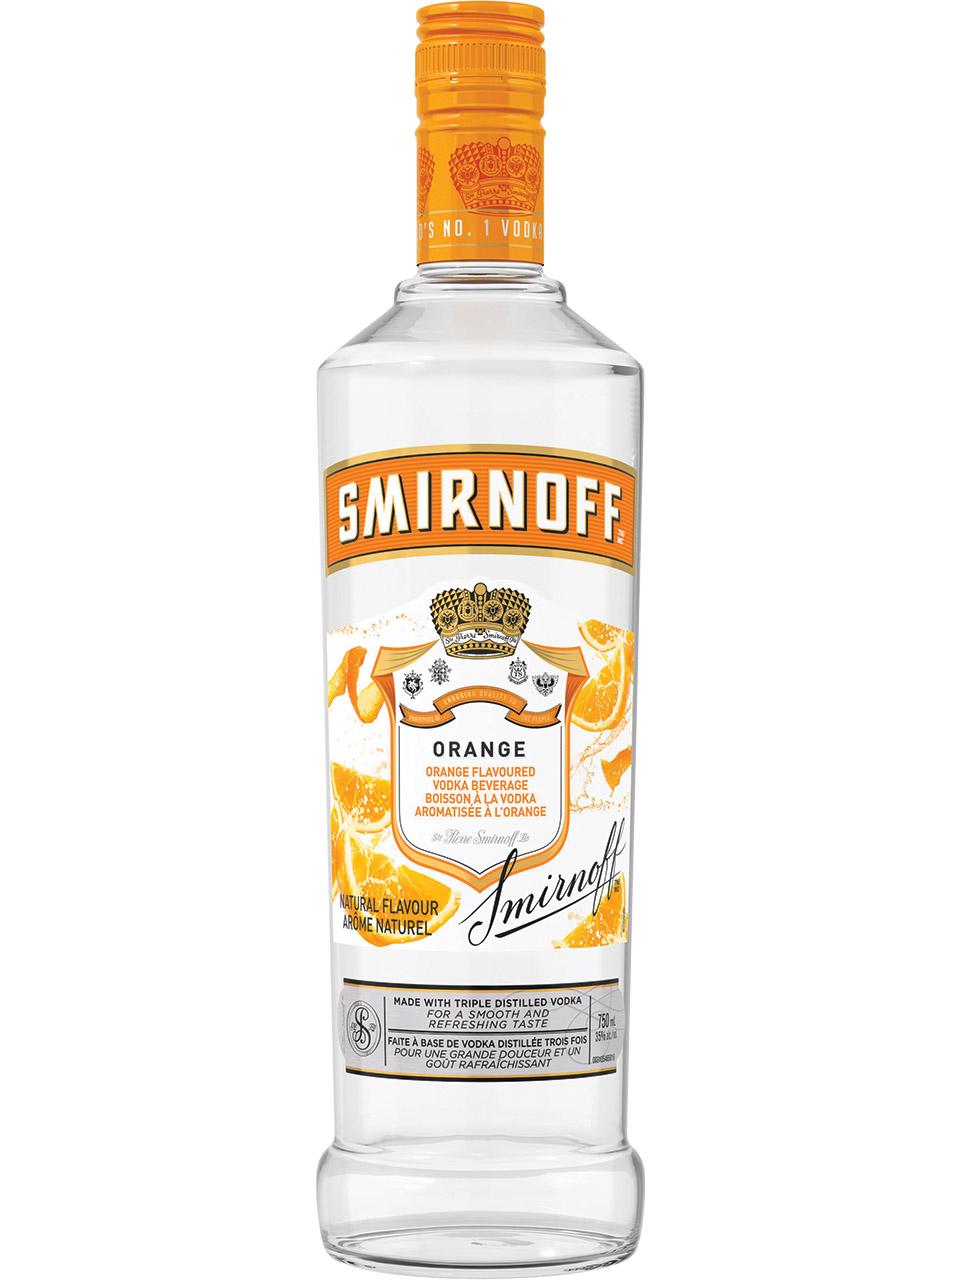 Smirnoff Orange Vodka